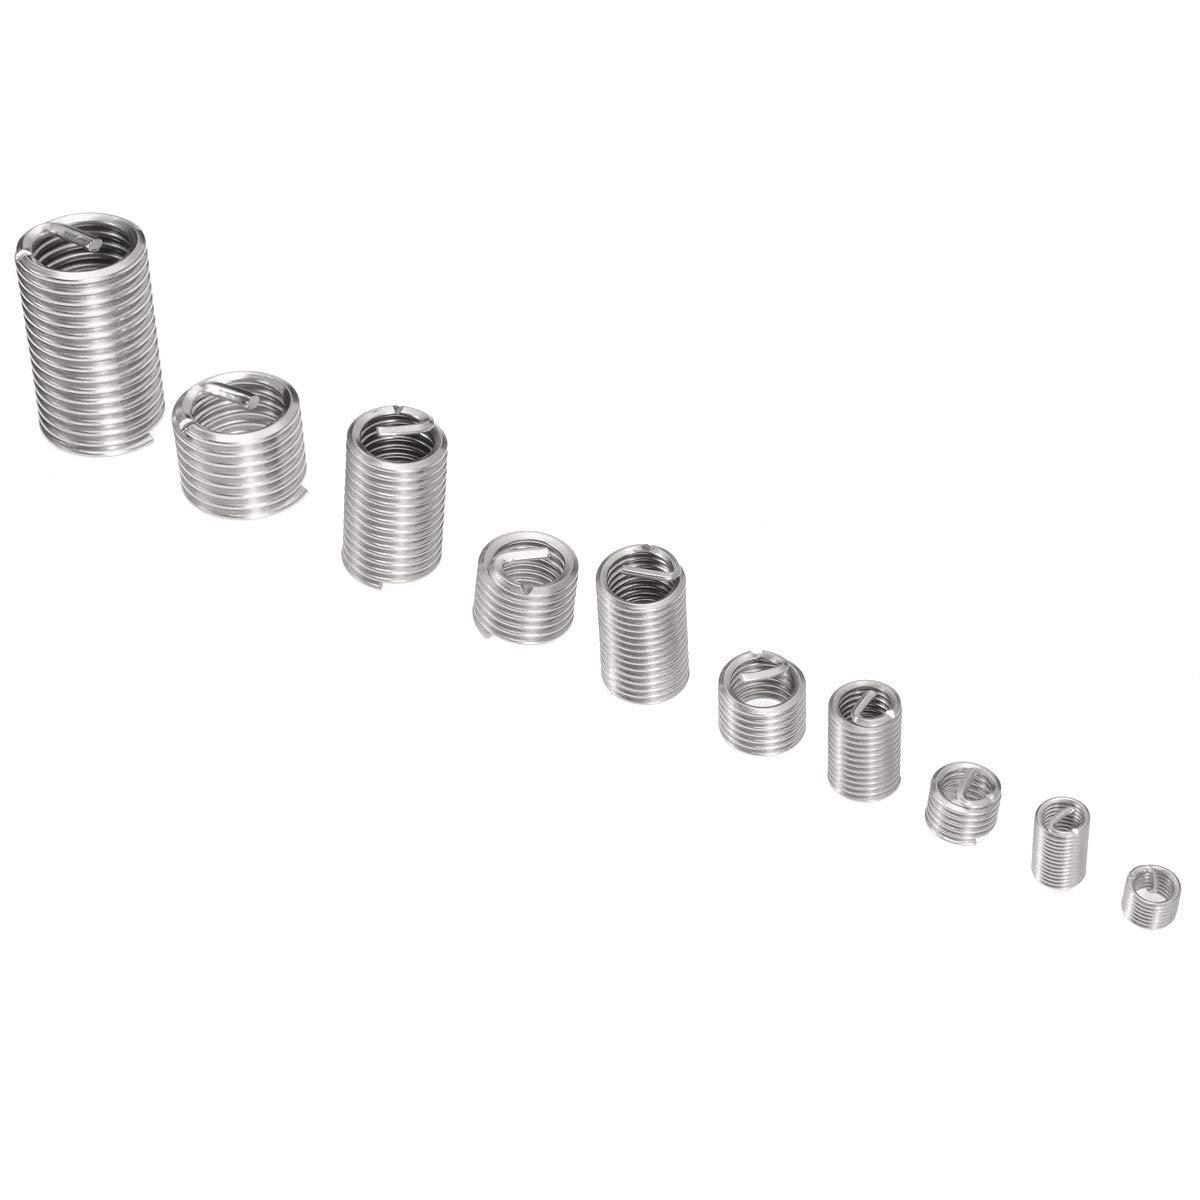 Ochoos 150pcs//set Stainless Steel 304 Thread Repair Insert Kit M3 M4 M5 M6 M8 with Box Inserts Assortment Kit